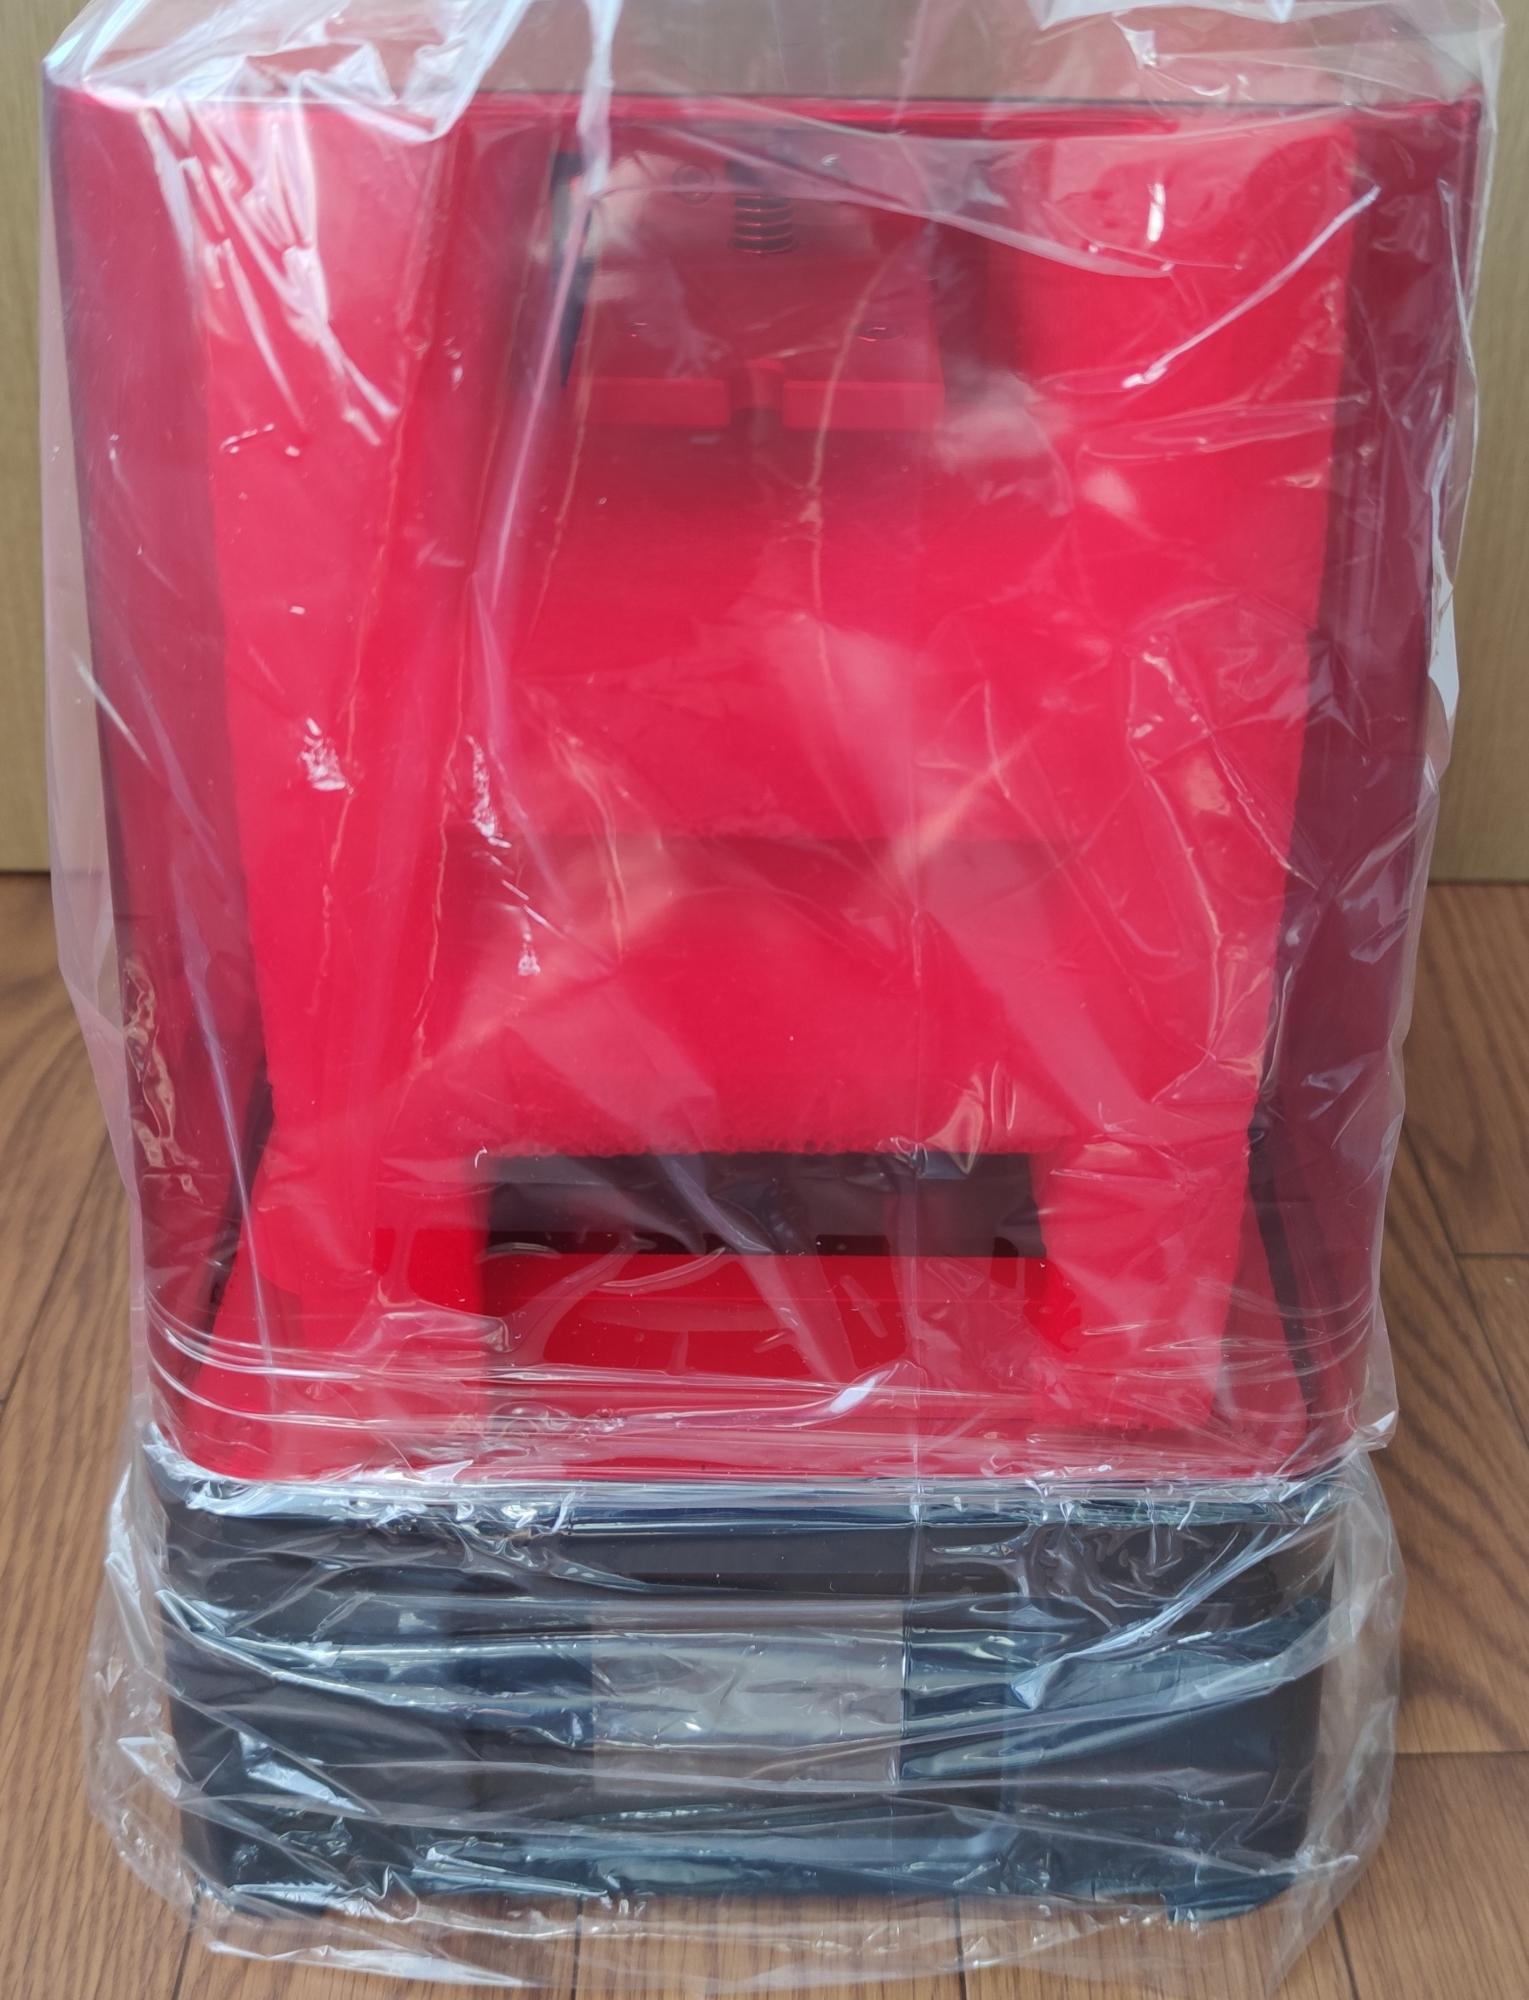 【光造形3Dプリンタ】約2万円で買った光造形3Dプリンタ「Phrozen SONIC MINI」レビュー